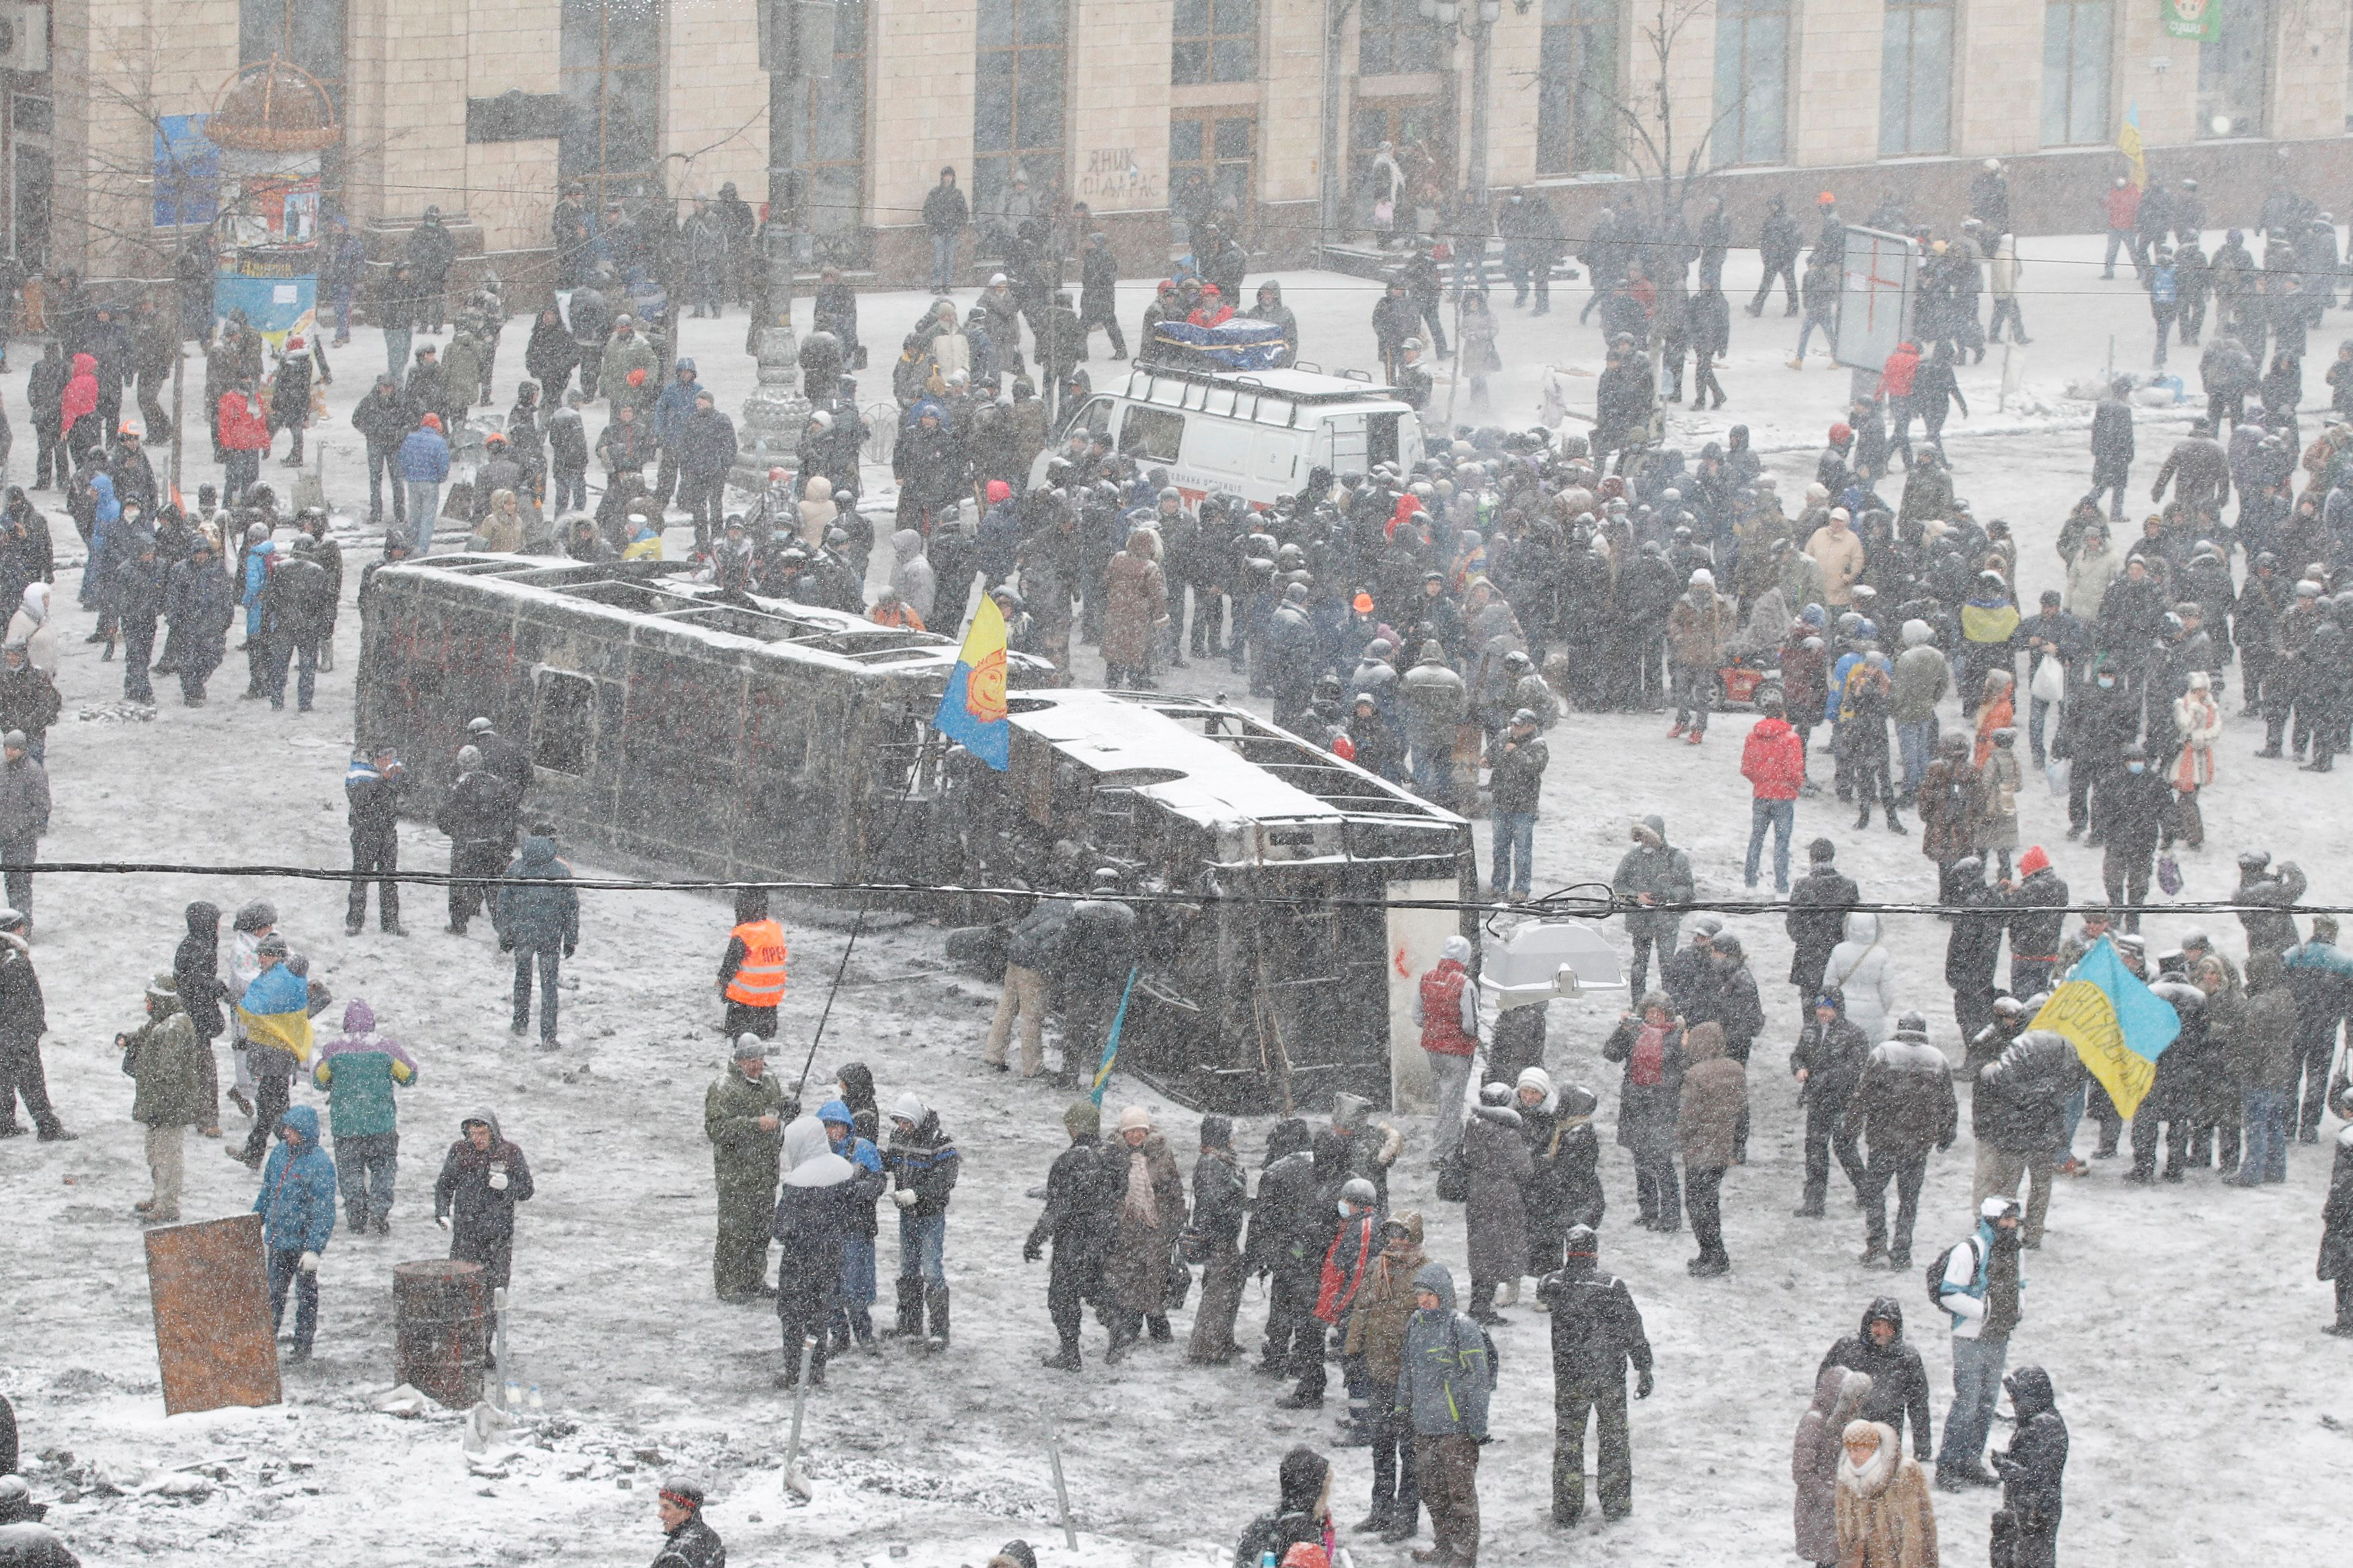 Une personne est morte dans les manifestations à Kiev